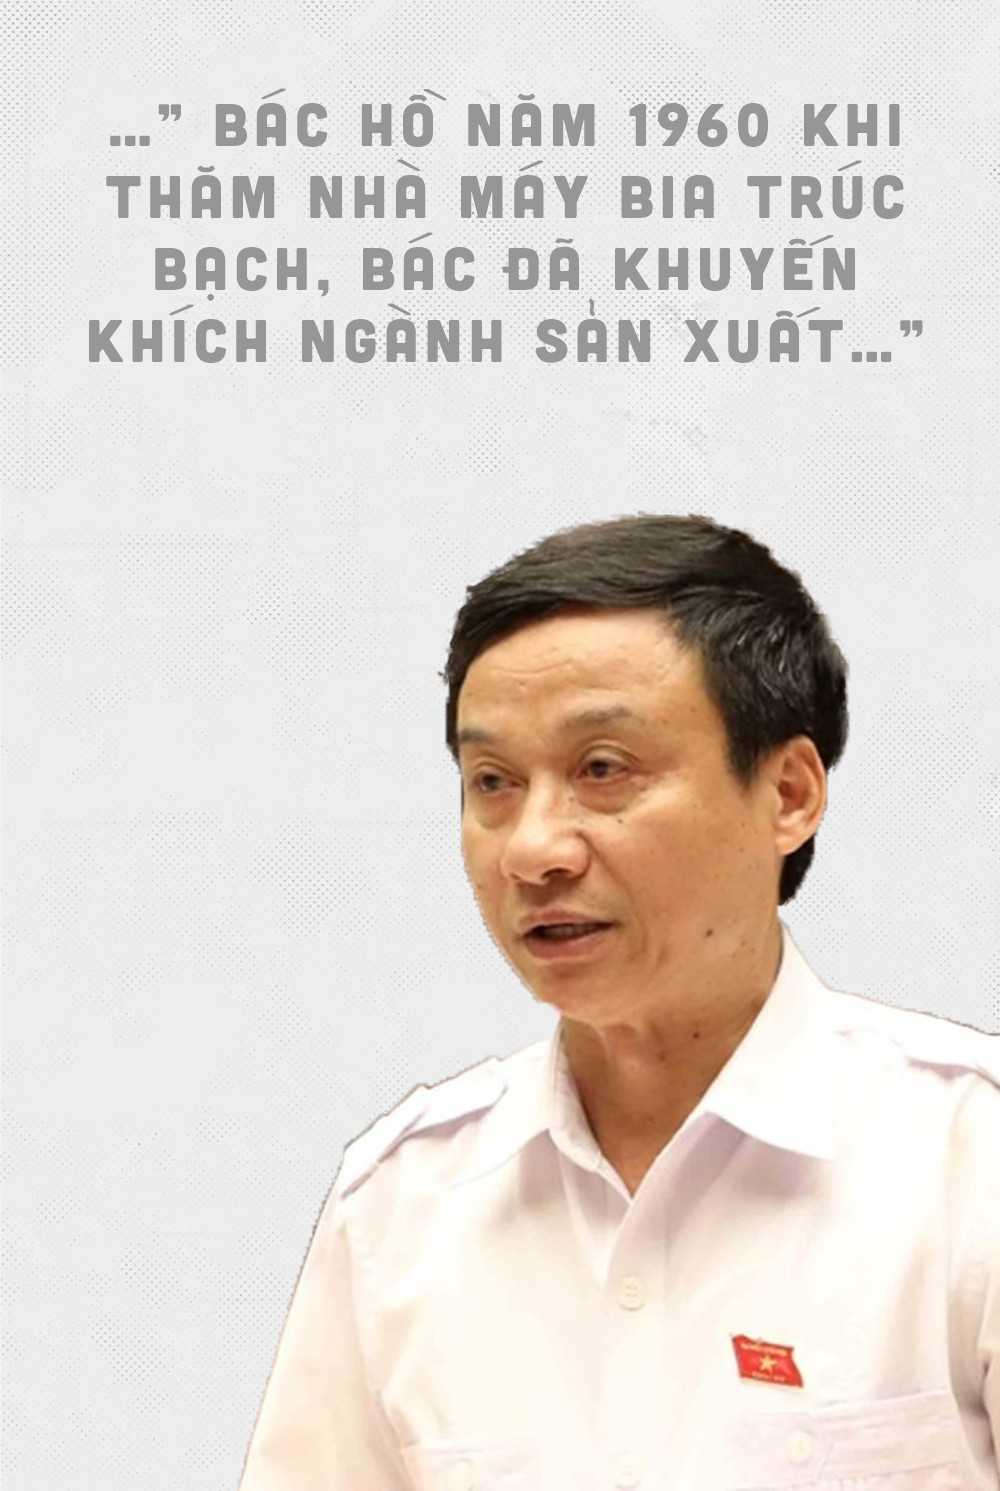 Đại biểu Quốc hội, xin hãy thận trọng khi trích dẫn hình ảnh, lời nói của Chủ tịch Hồ Chí Minh - Ảnh 2.